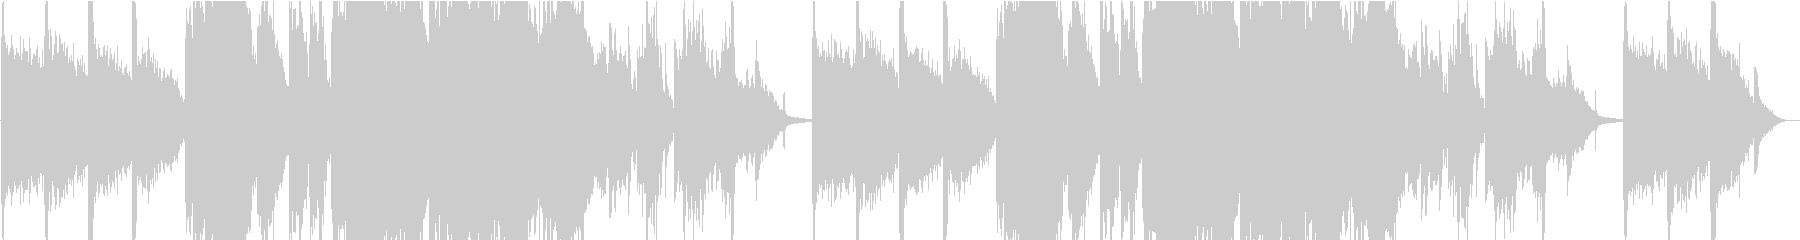 幻想的なピアノとコーラス曲の未再生の波形